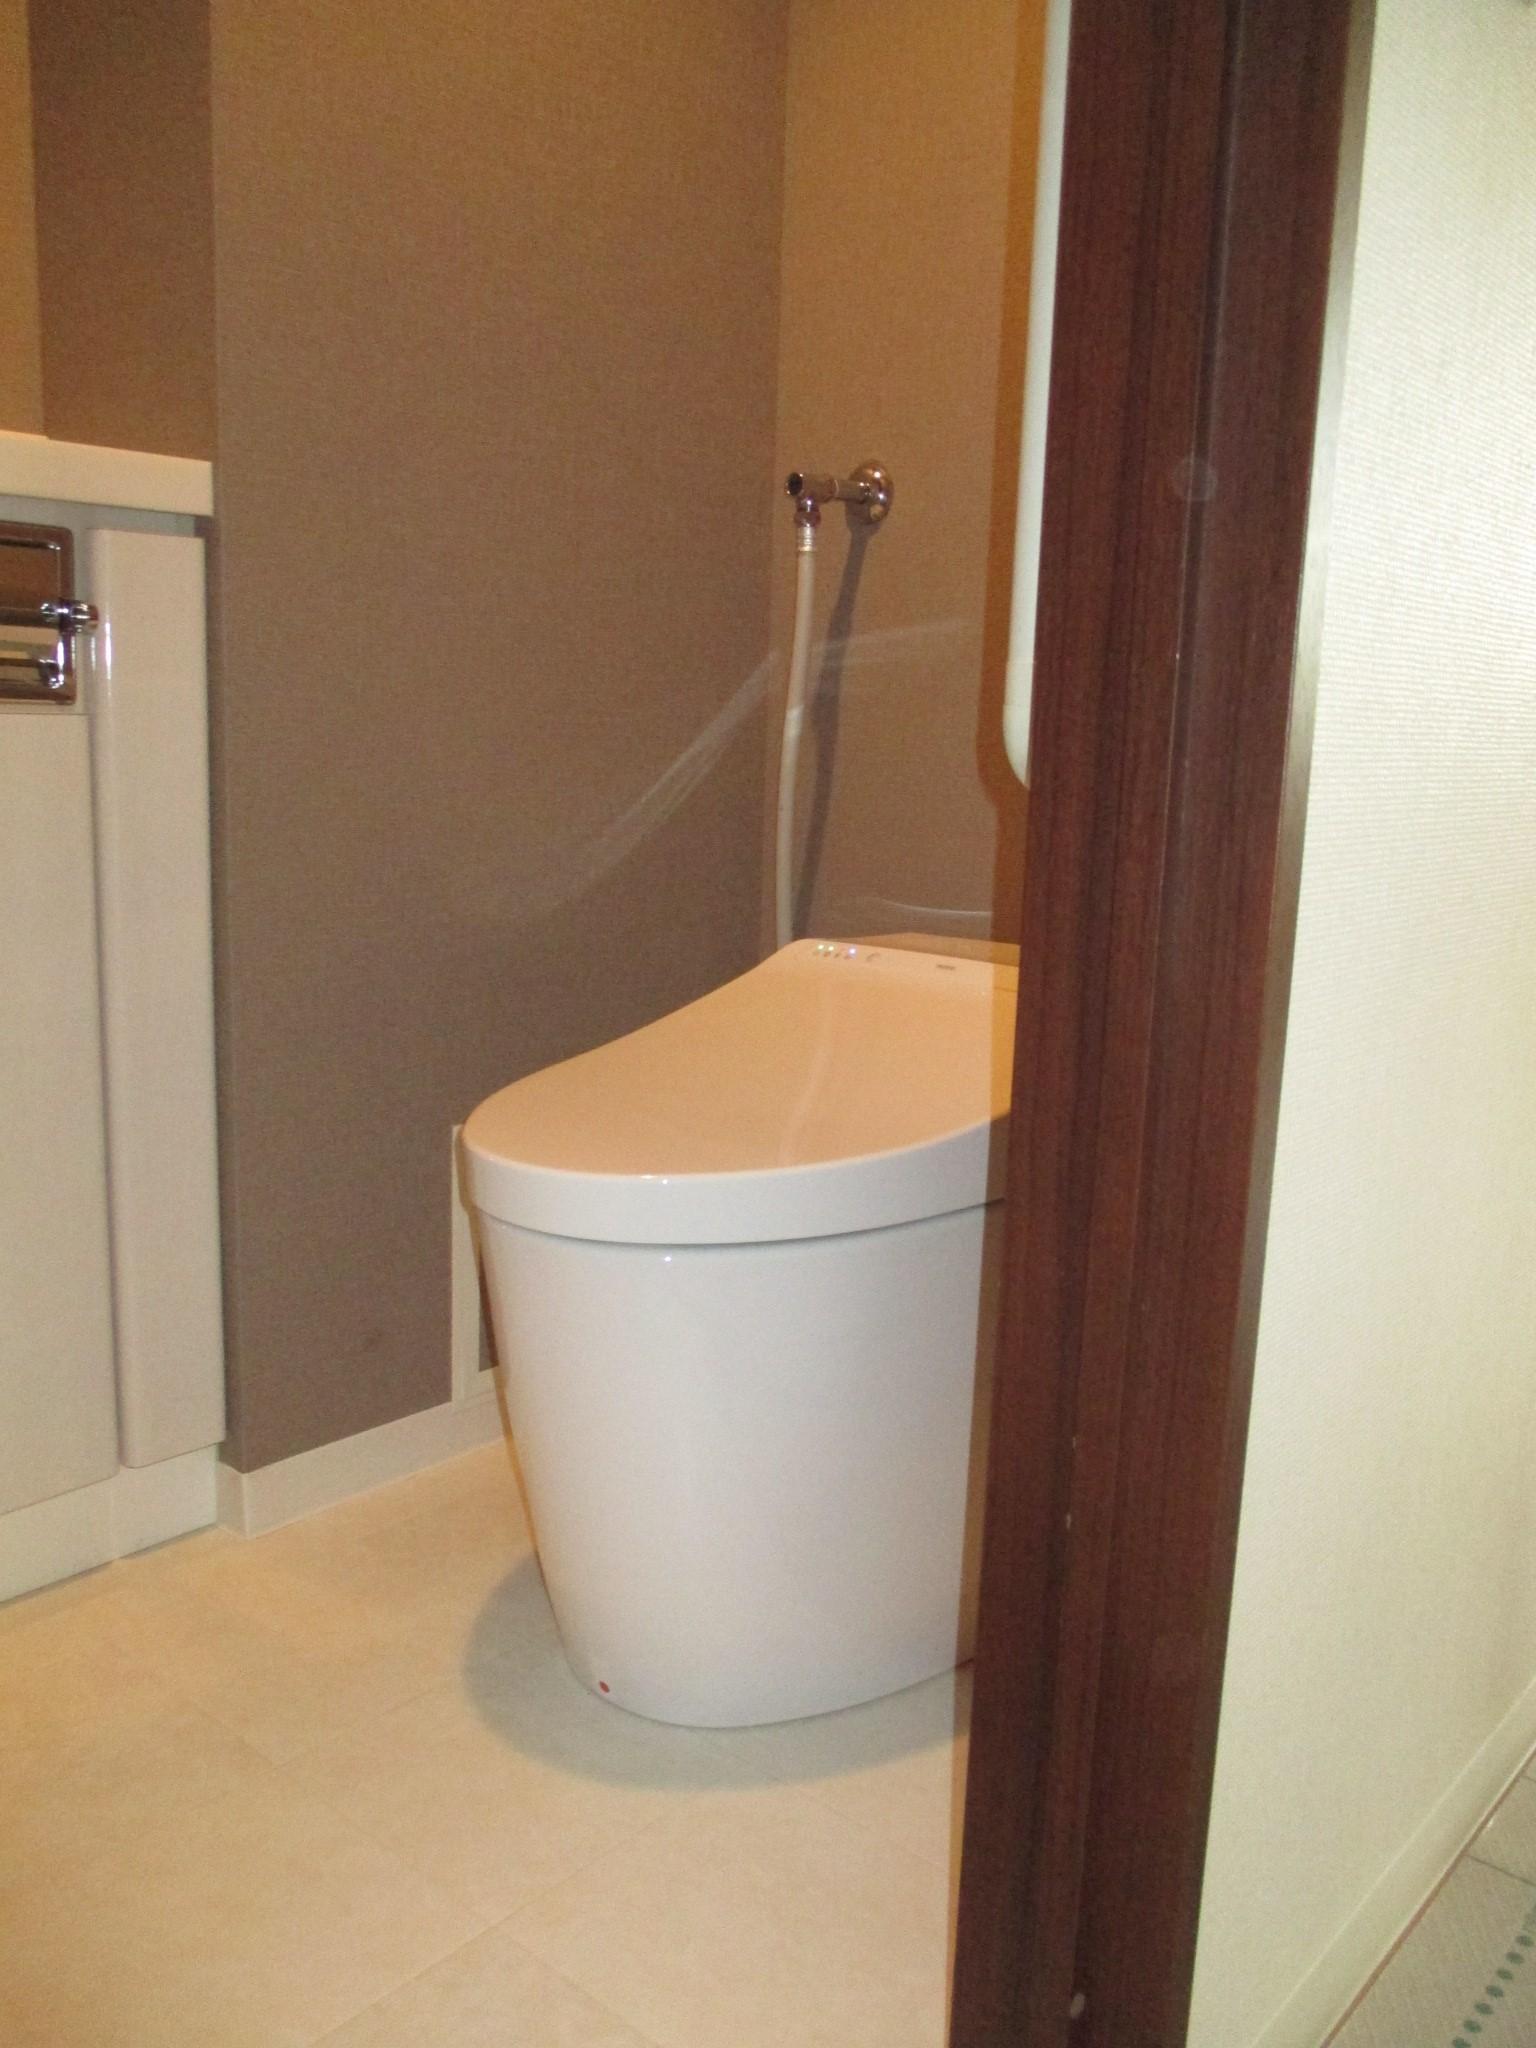 タンクレストイレで広々。壁紙も落ち着いた印象になりました。